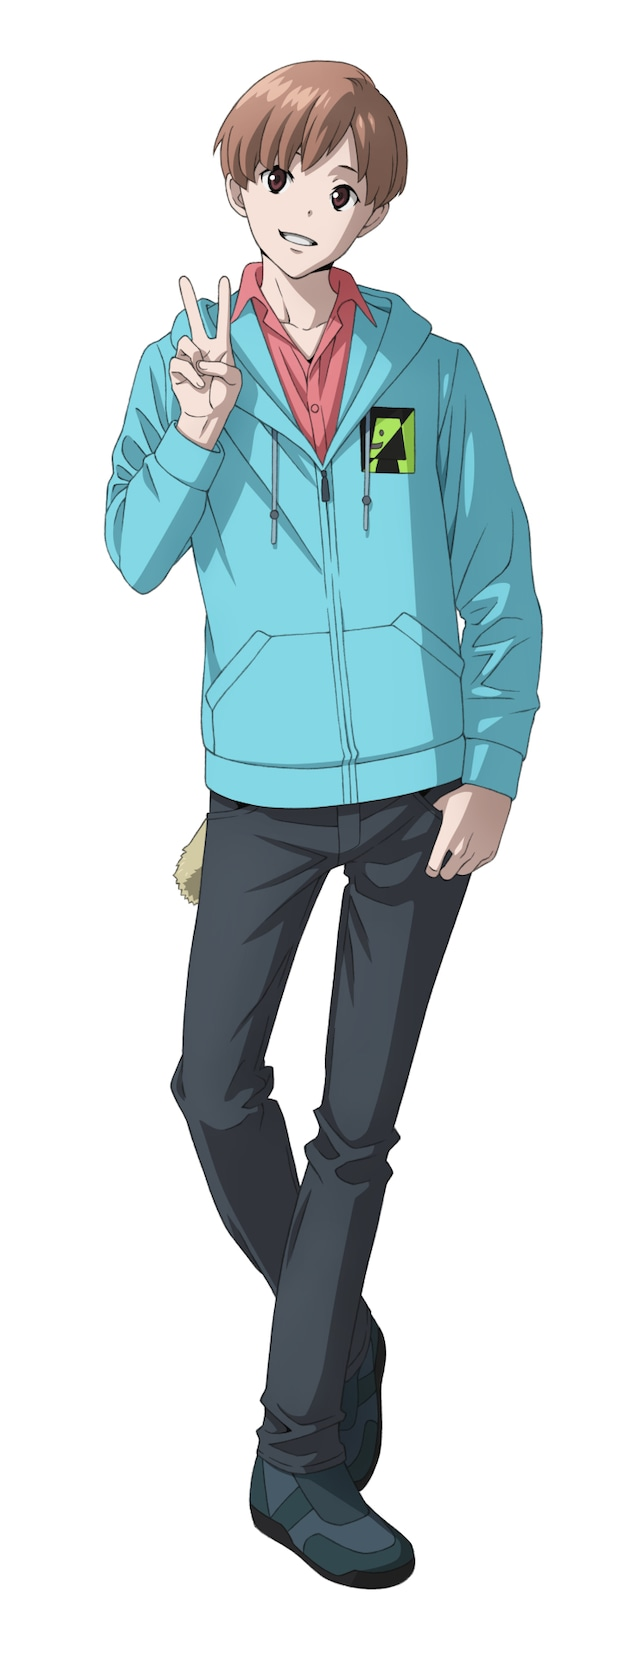 ジェームズ・モリアーティ(CV:山下誠一郎)